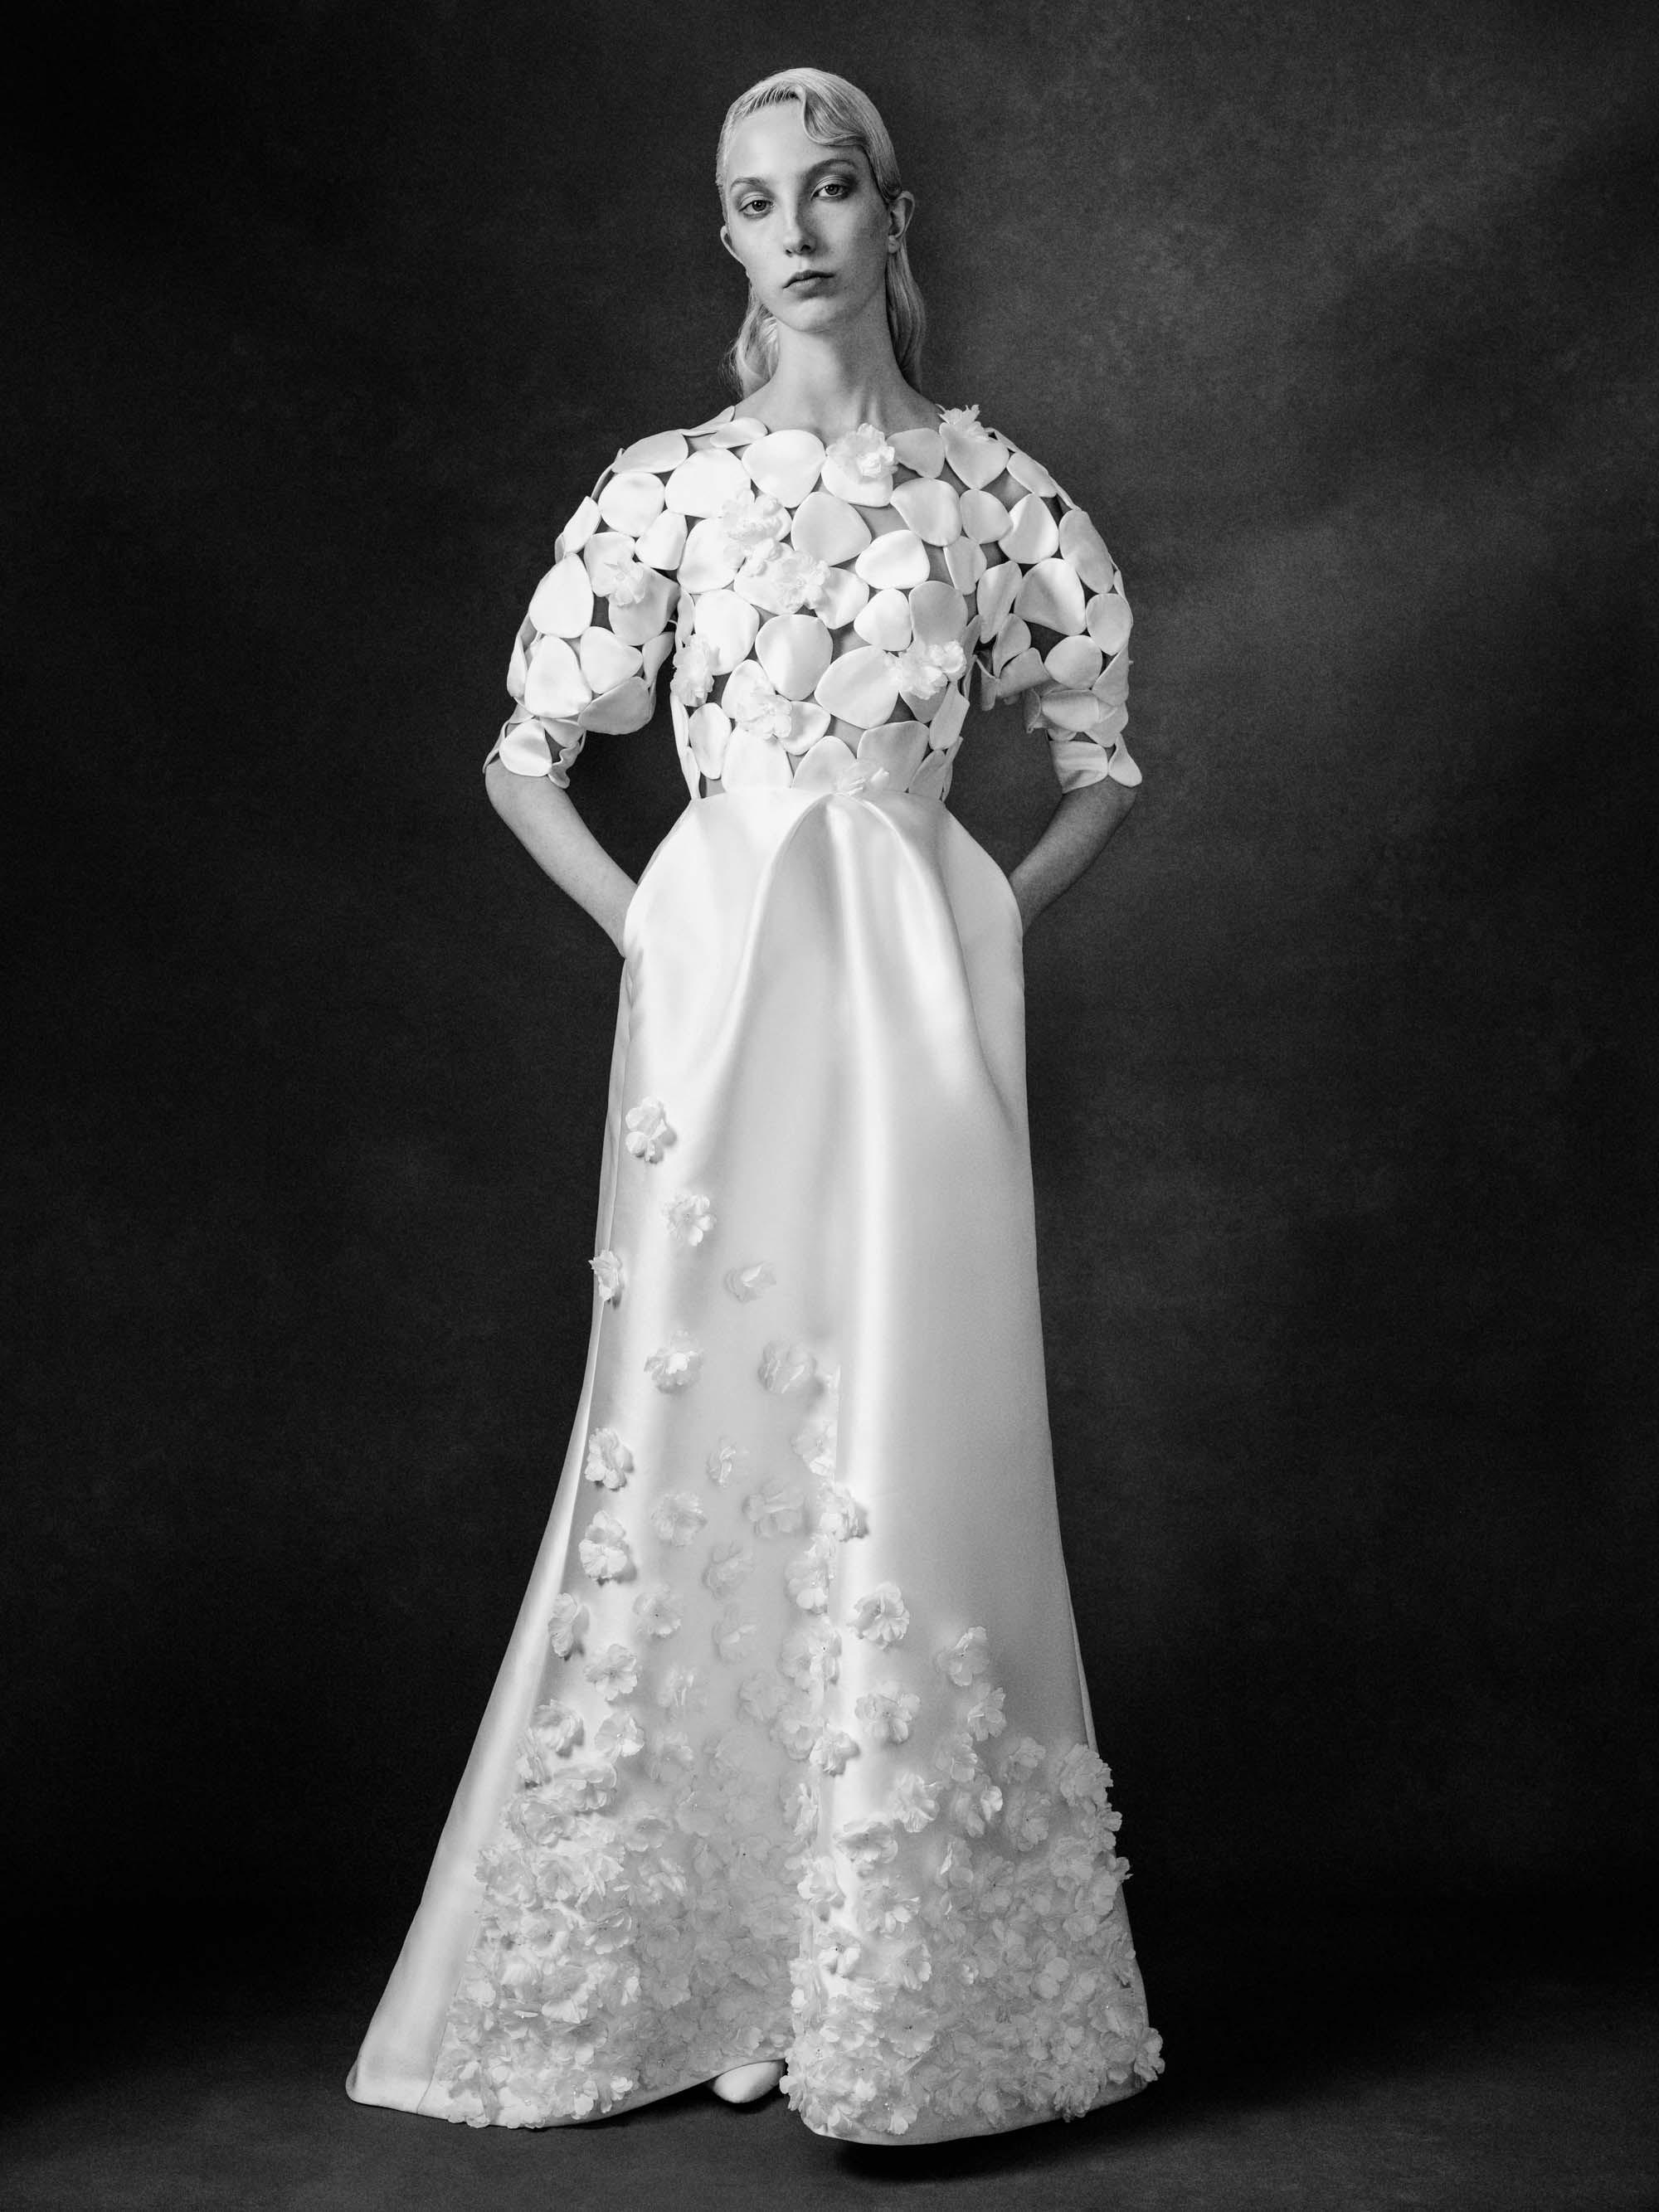 PHUONG MY Bridal được đề cử giải thưởng Thương hiệu mới xuất sắc nhất năm tại Anh - Ảnh 3.